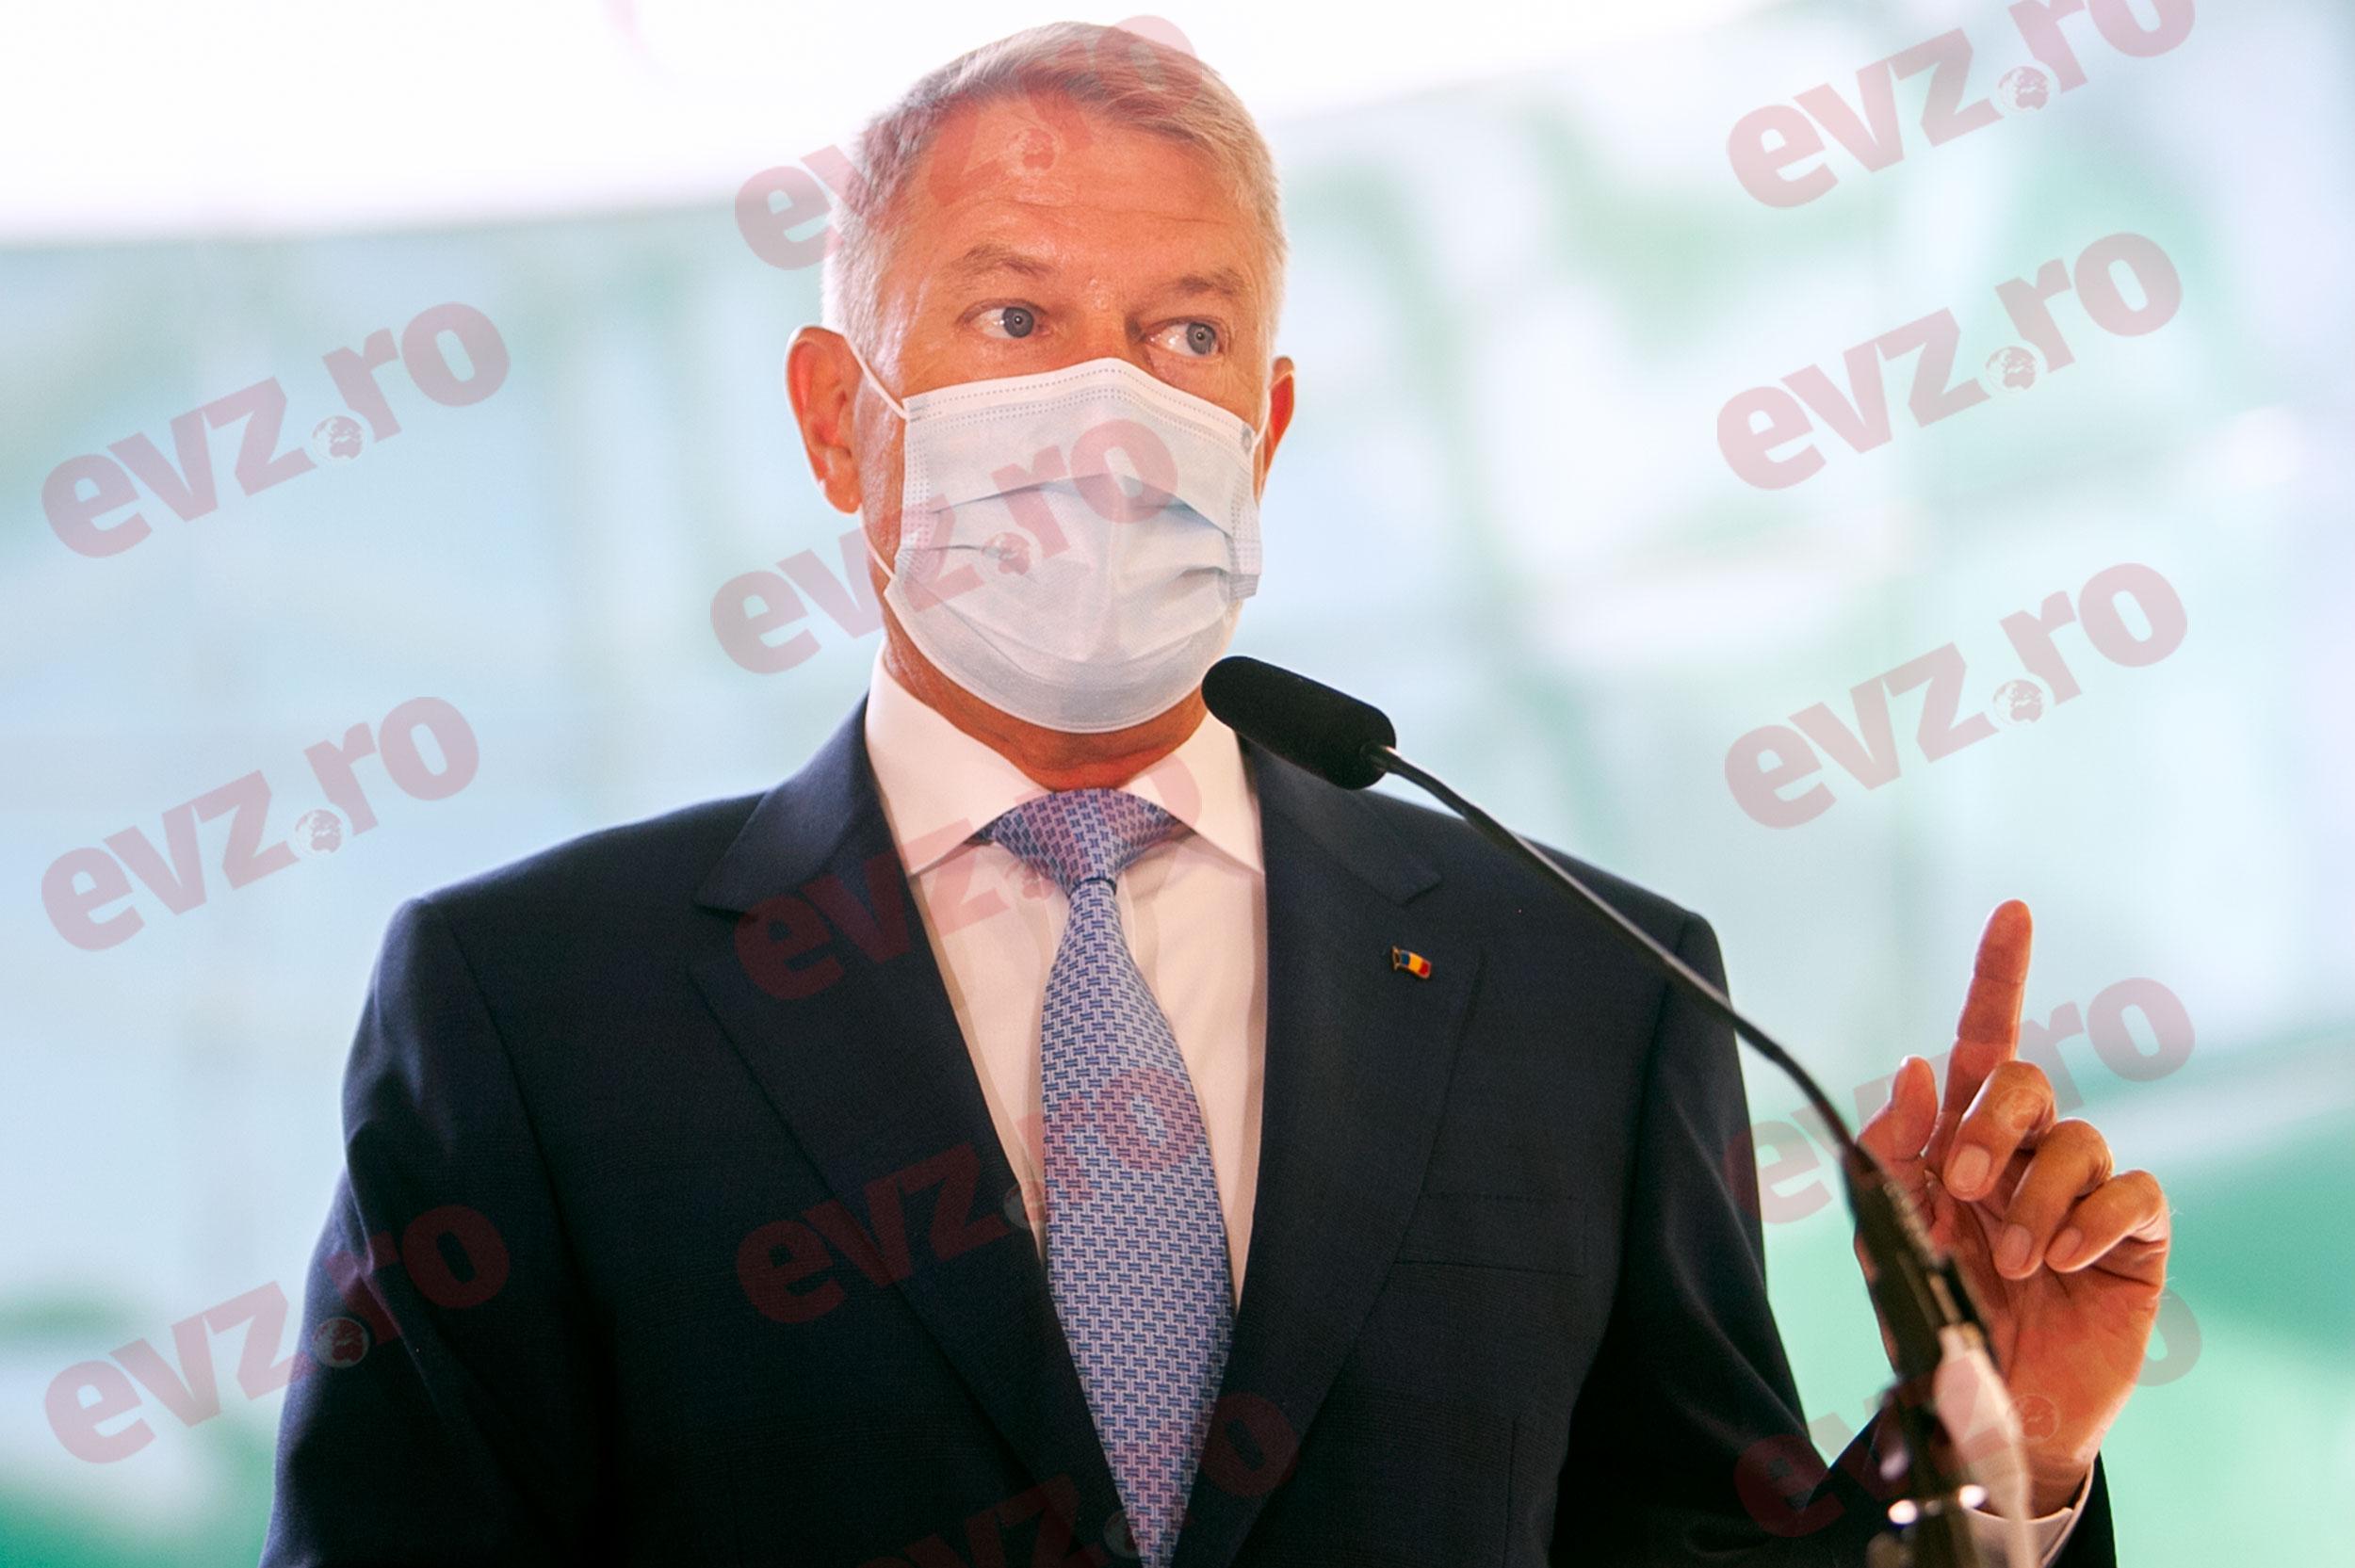 Pensii mărite. Planul ascuns al PSD şi minciuna lui Iohannis. Acord murdar pentru alegeri?